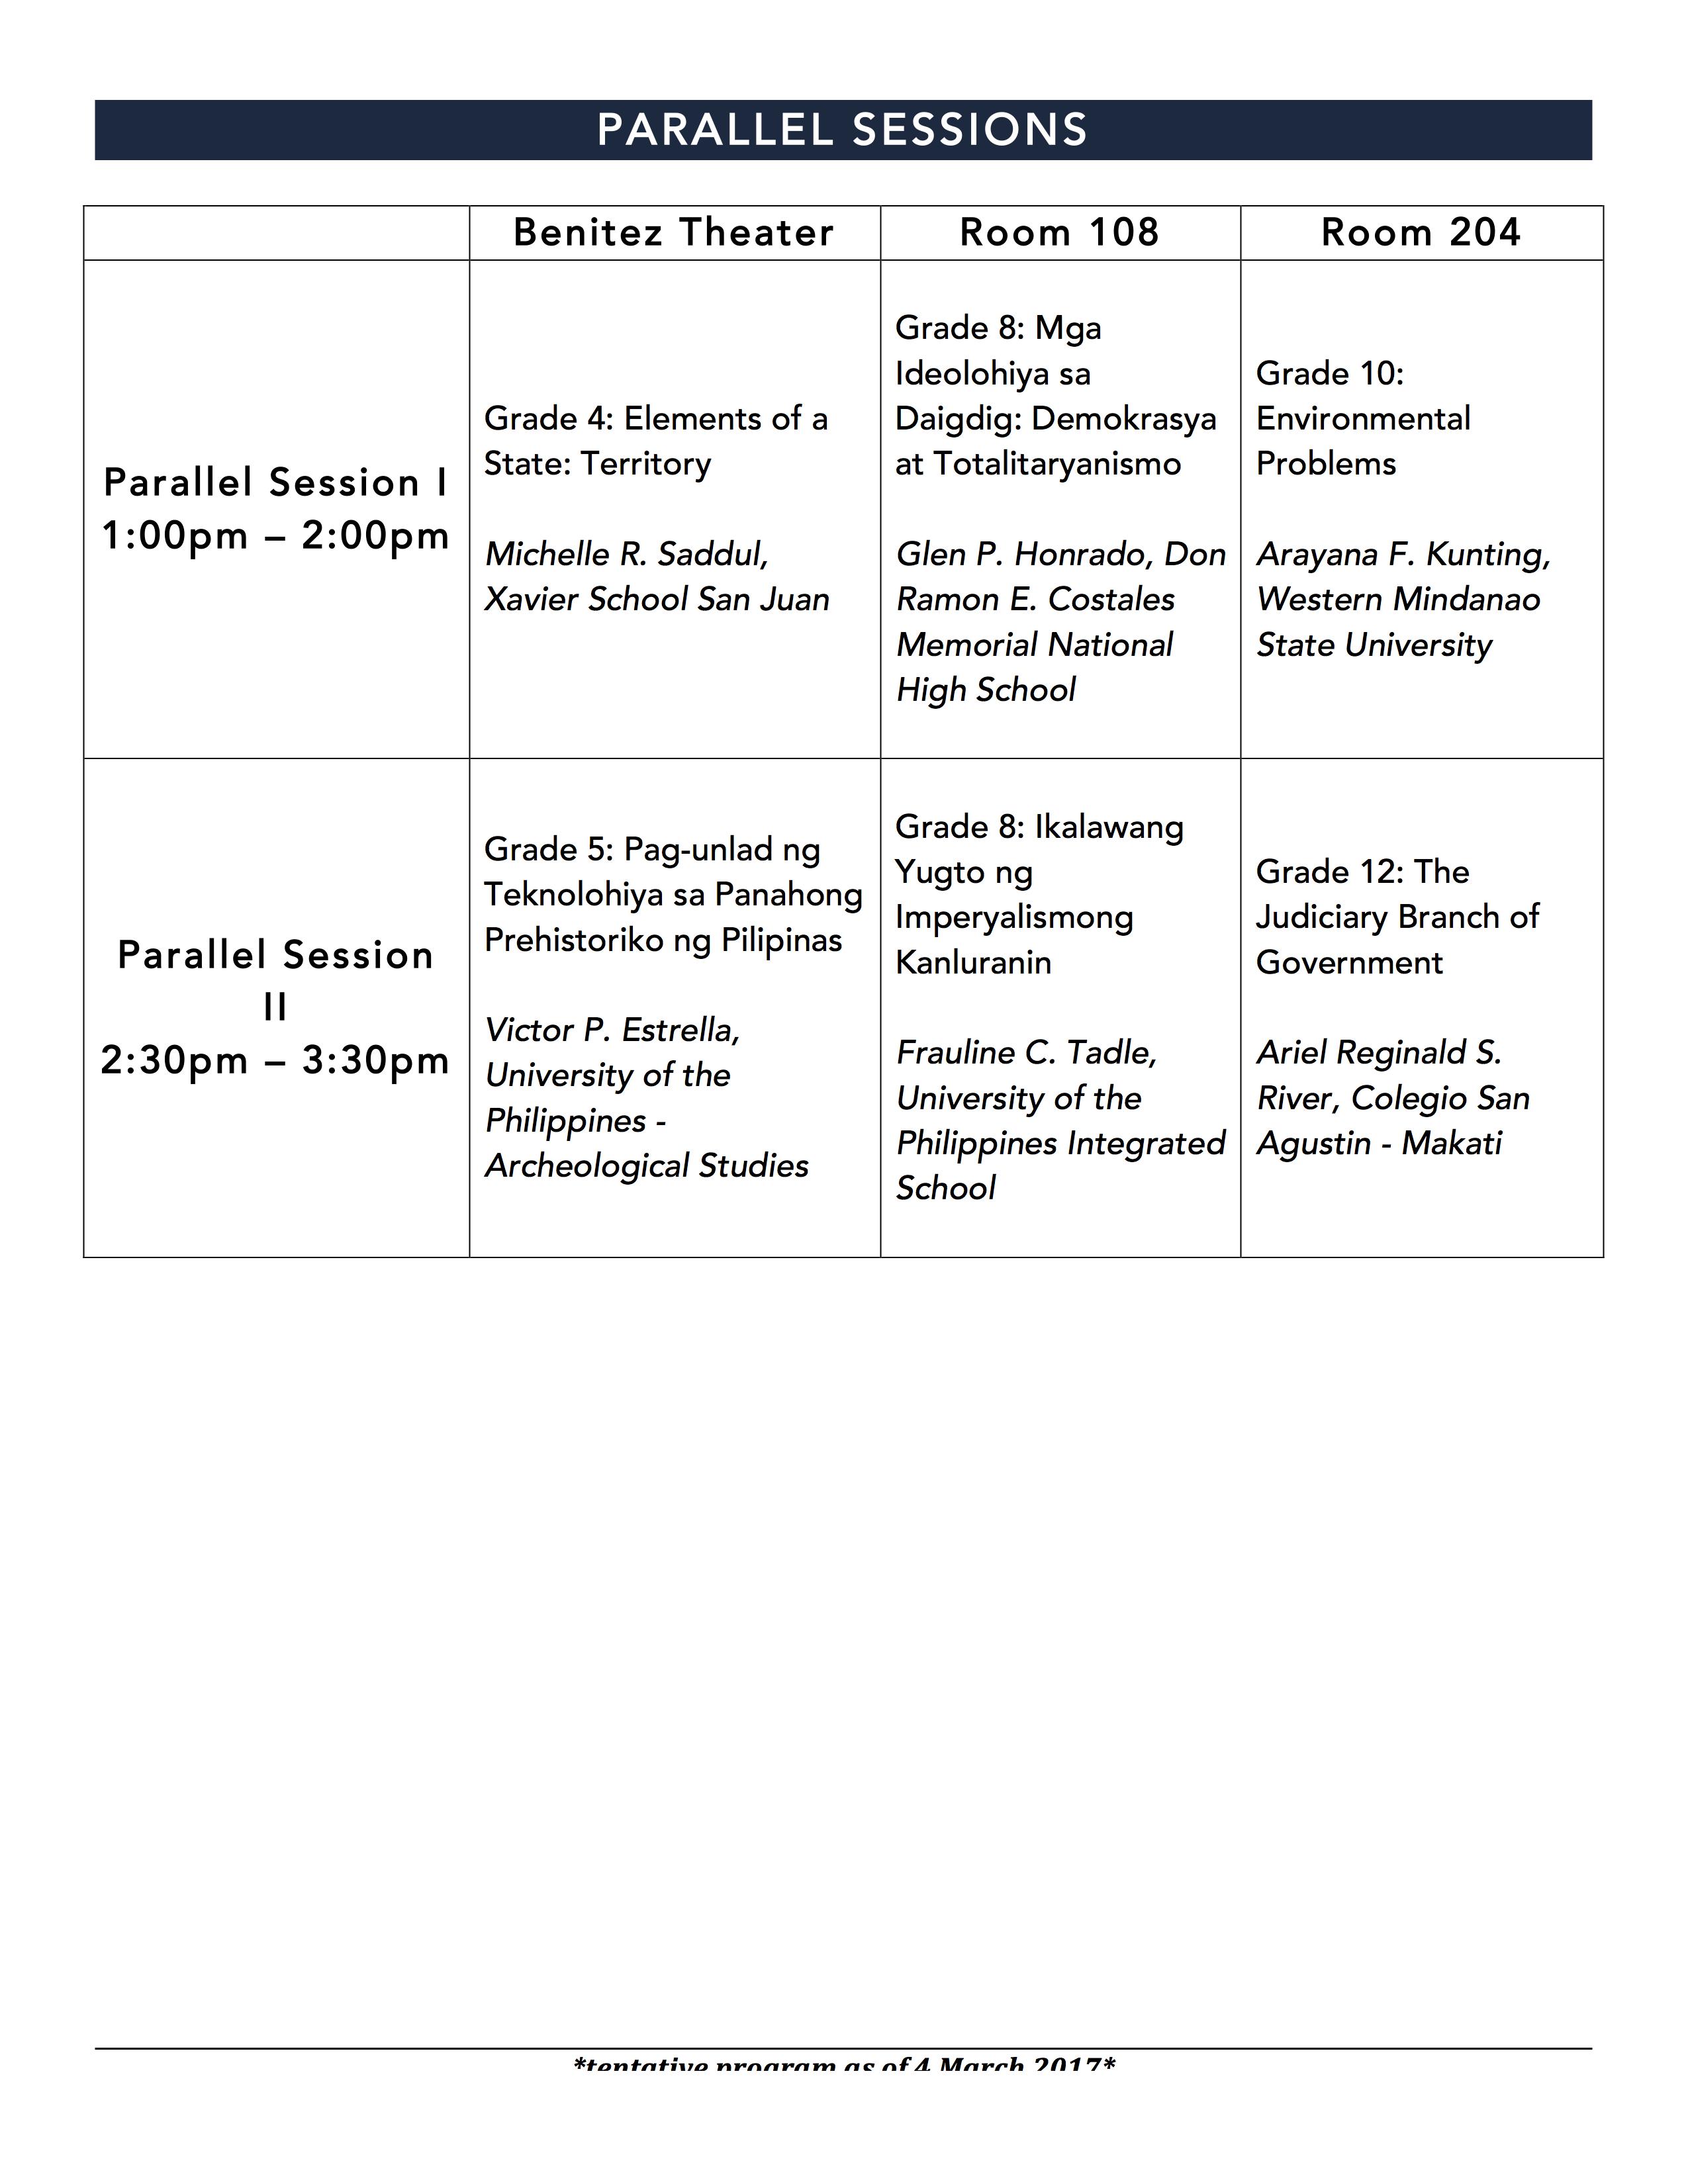 National Socstud Conference Program Parallel Sessions